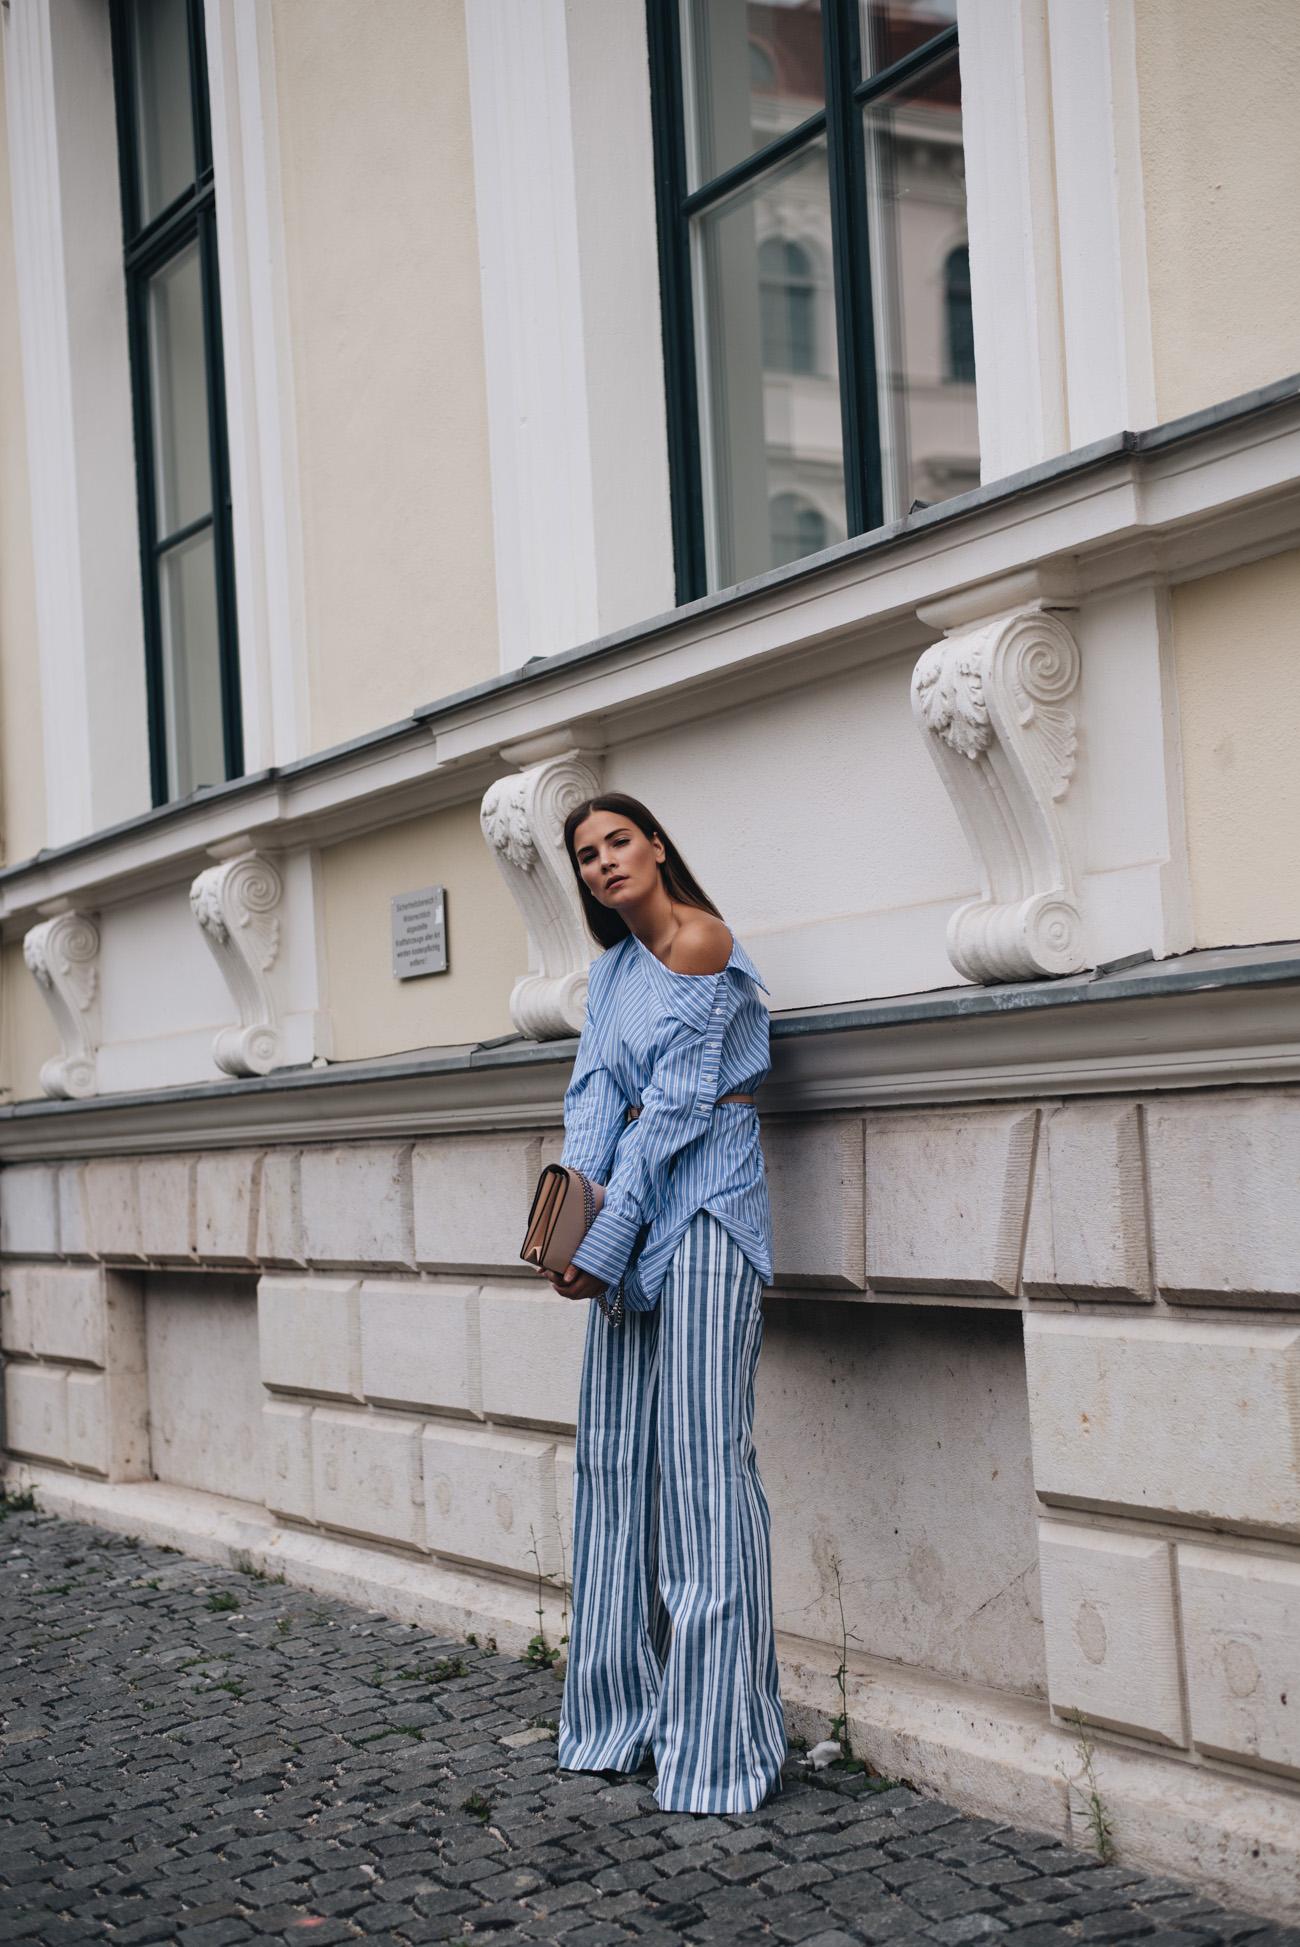 streifen-look-streetstyle-komplettlook-blogger-gestreifte-palazzo-hose-michael-kors-schulterfreie-bluse-nina-schwichtenberg-fashiioncarpet